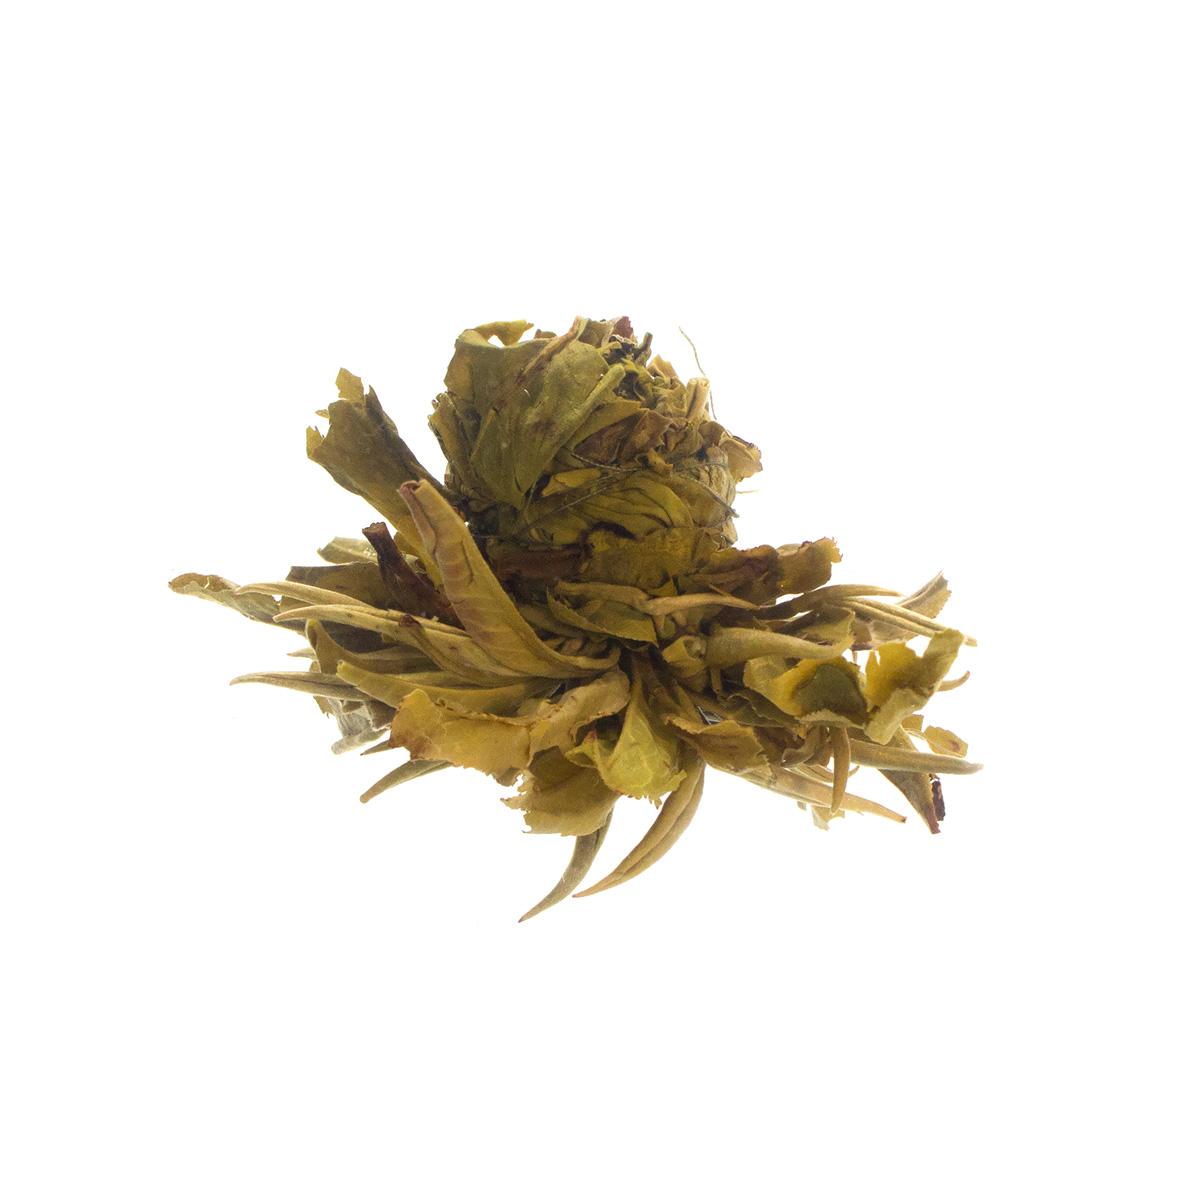 Чай связанный Хуа Ли Чжи (Жасминовый Ли Чжи), в уп. 5 шт. сад дань чай травяной чай жасминовый чай жасминовый чай типпи 100г мешок